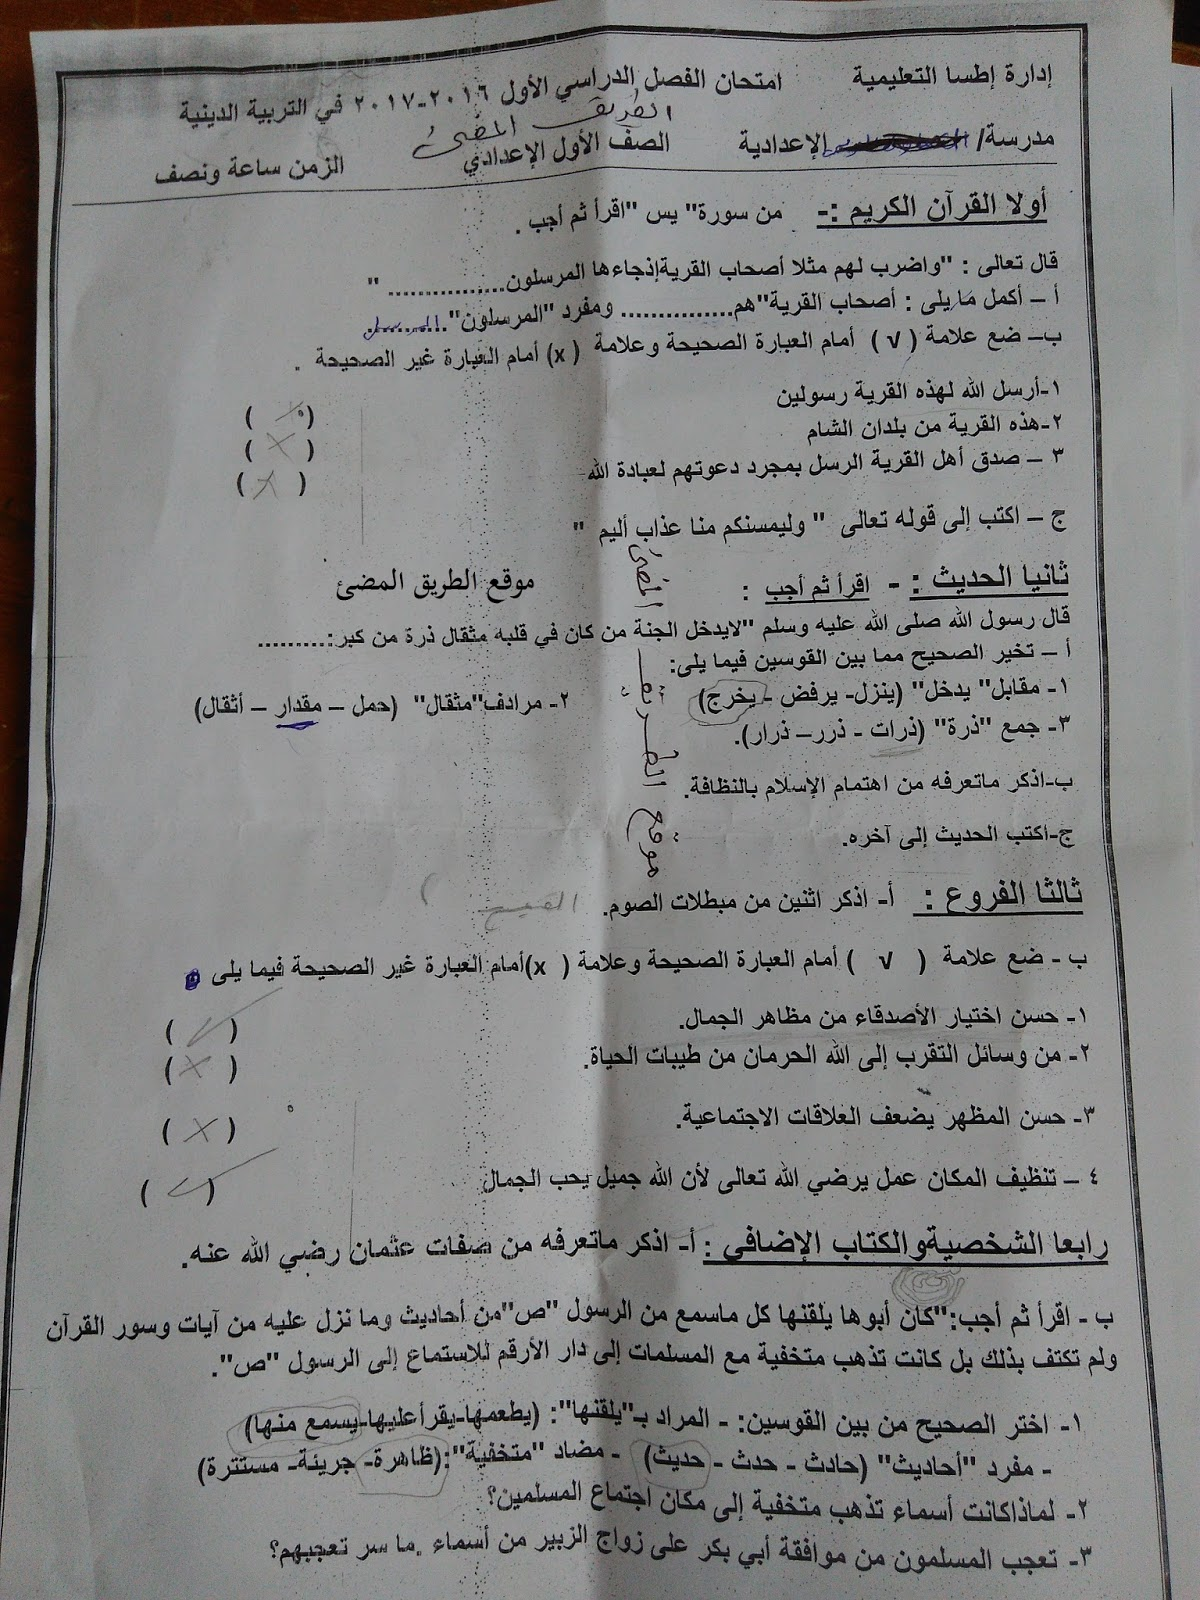 حمل امتحانات نصف العام الرسمية فى التربية الدينية الصف الاول الاعدادى الترم الاول , جميع محافظات مصر